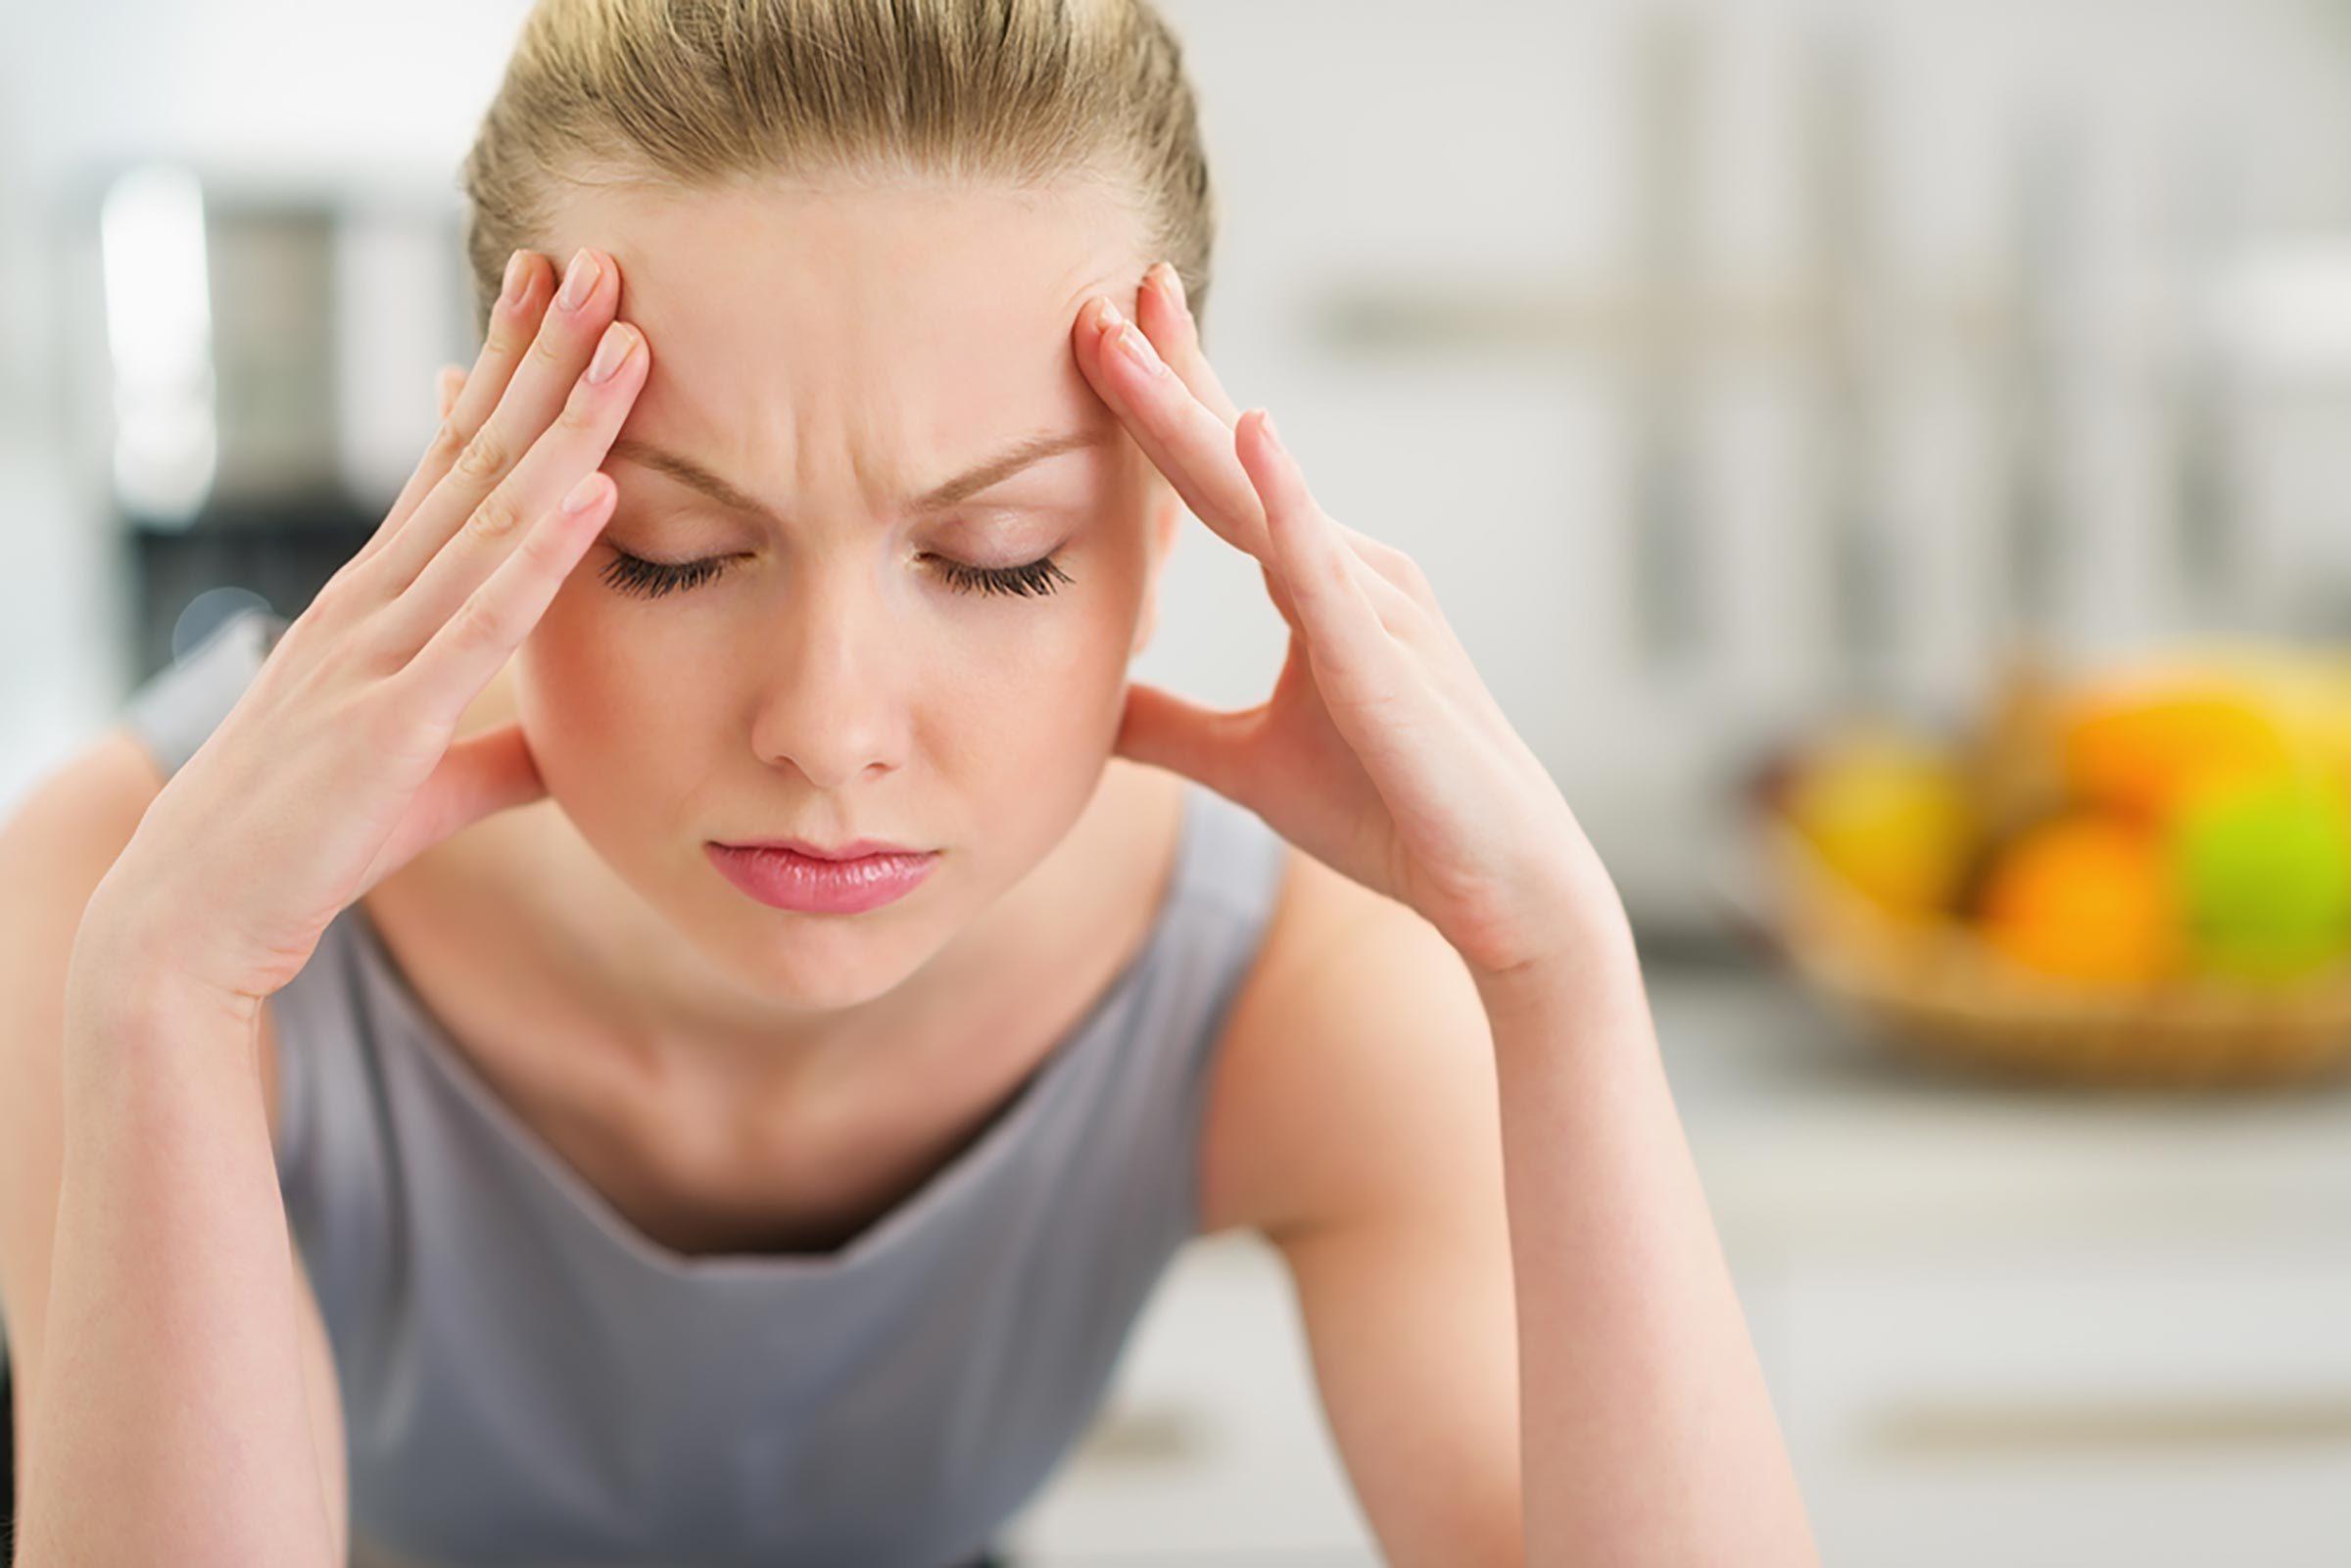 Conseil santé : éviter le stress